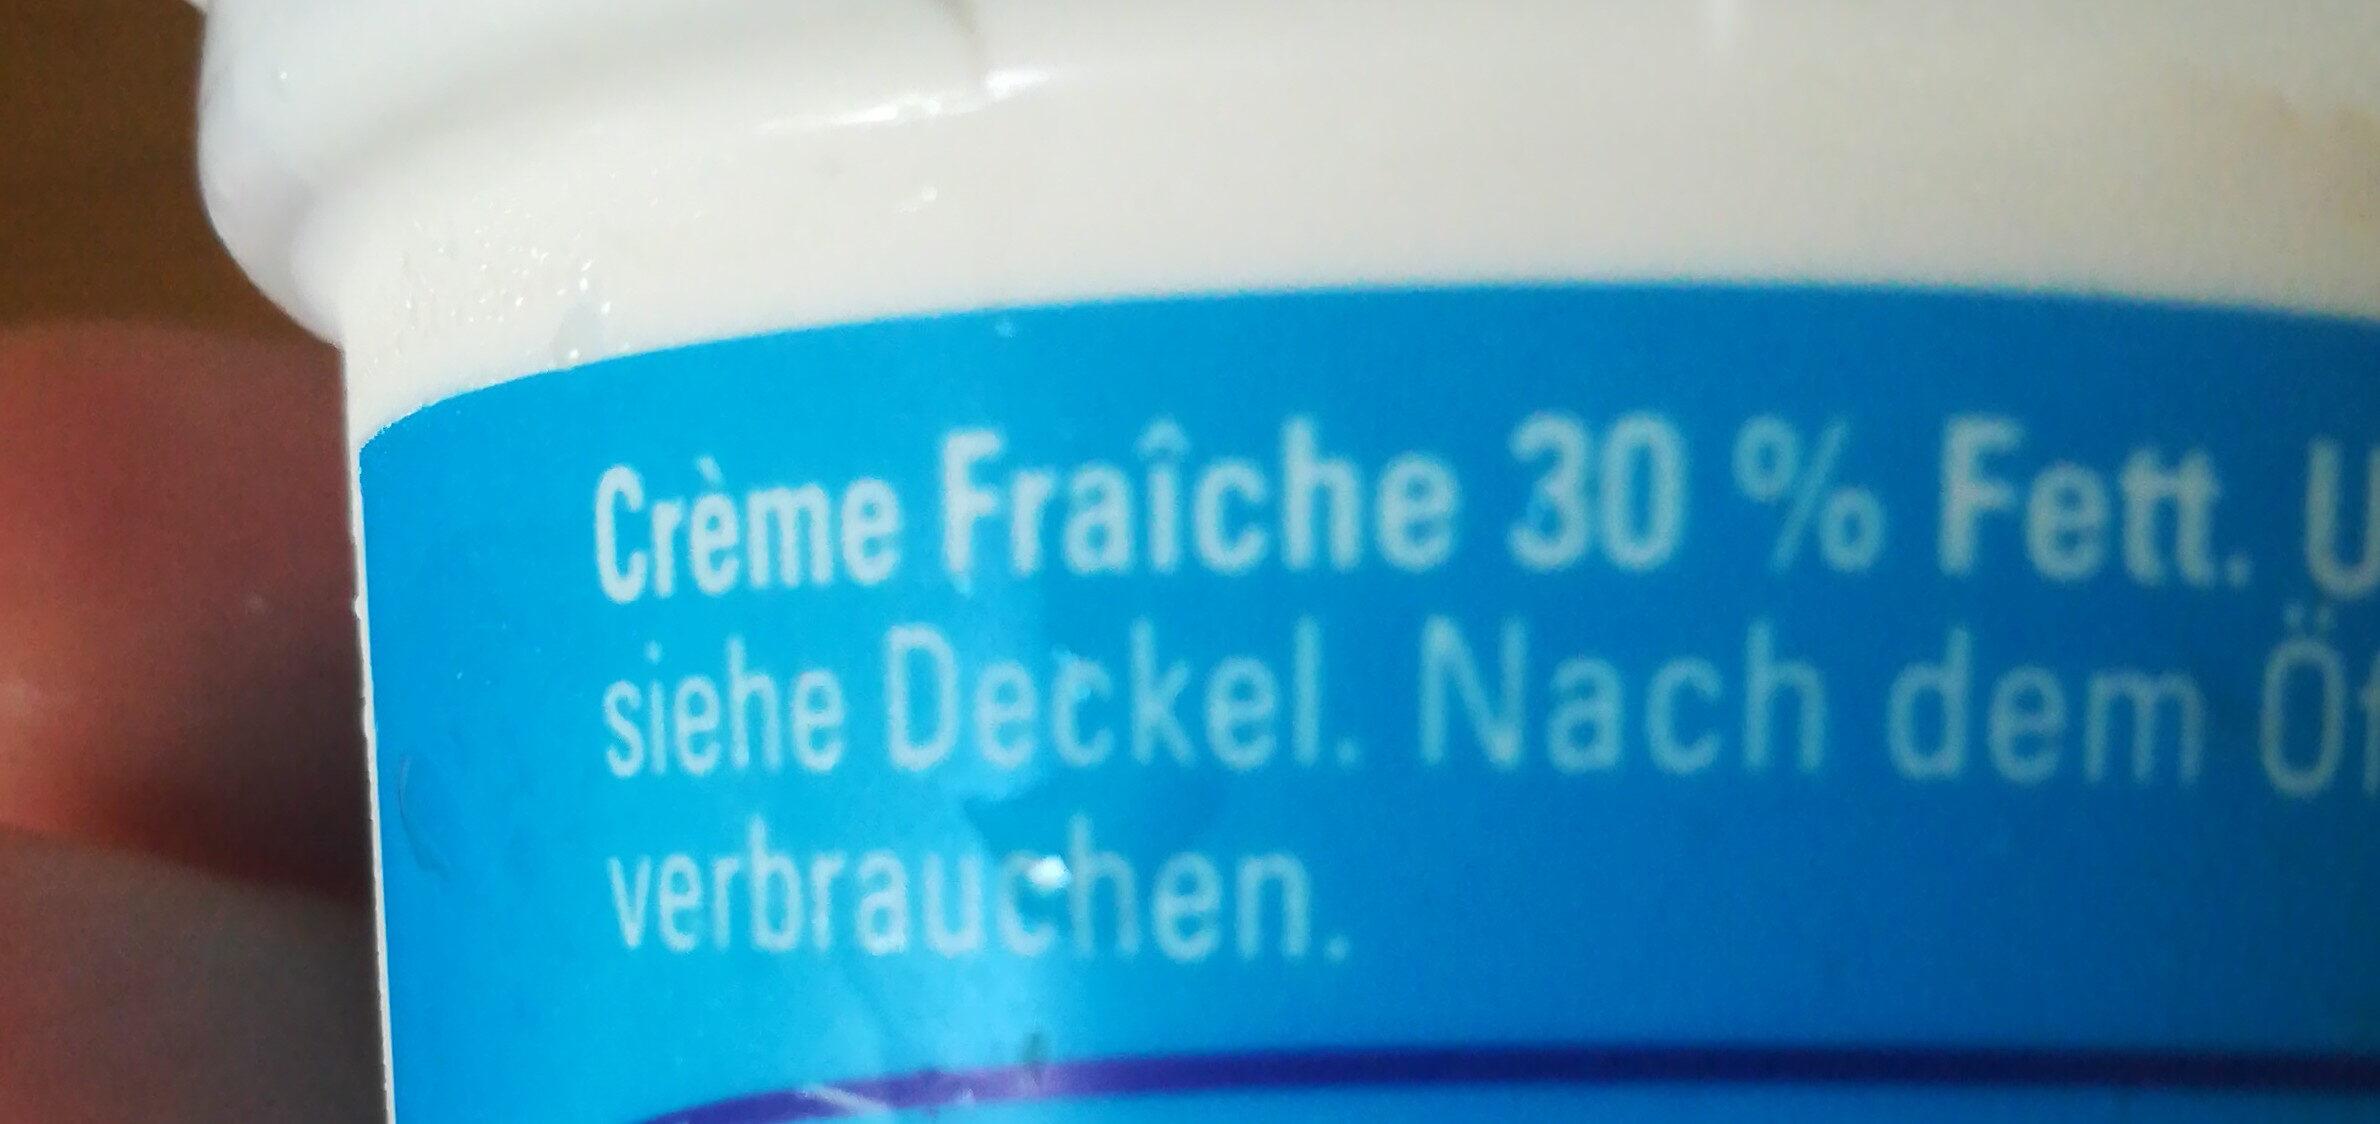 Crème Fraiche K Classic - Ingredients - de